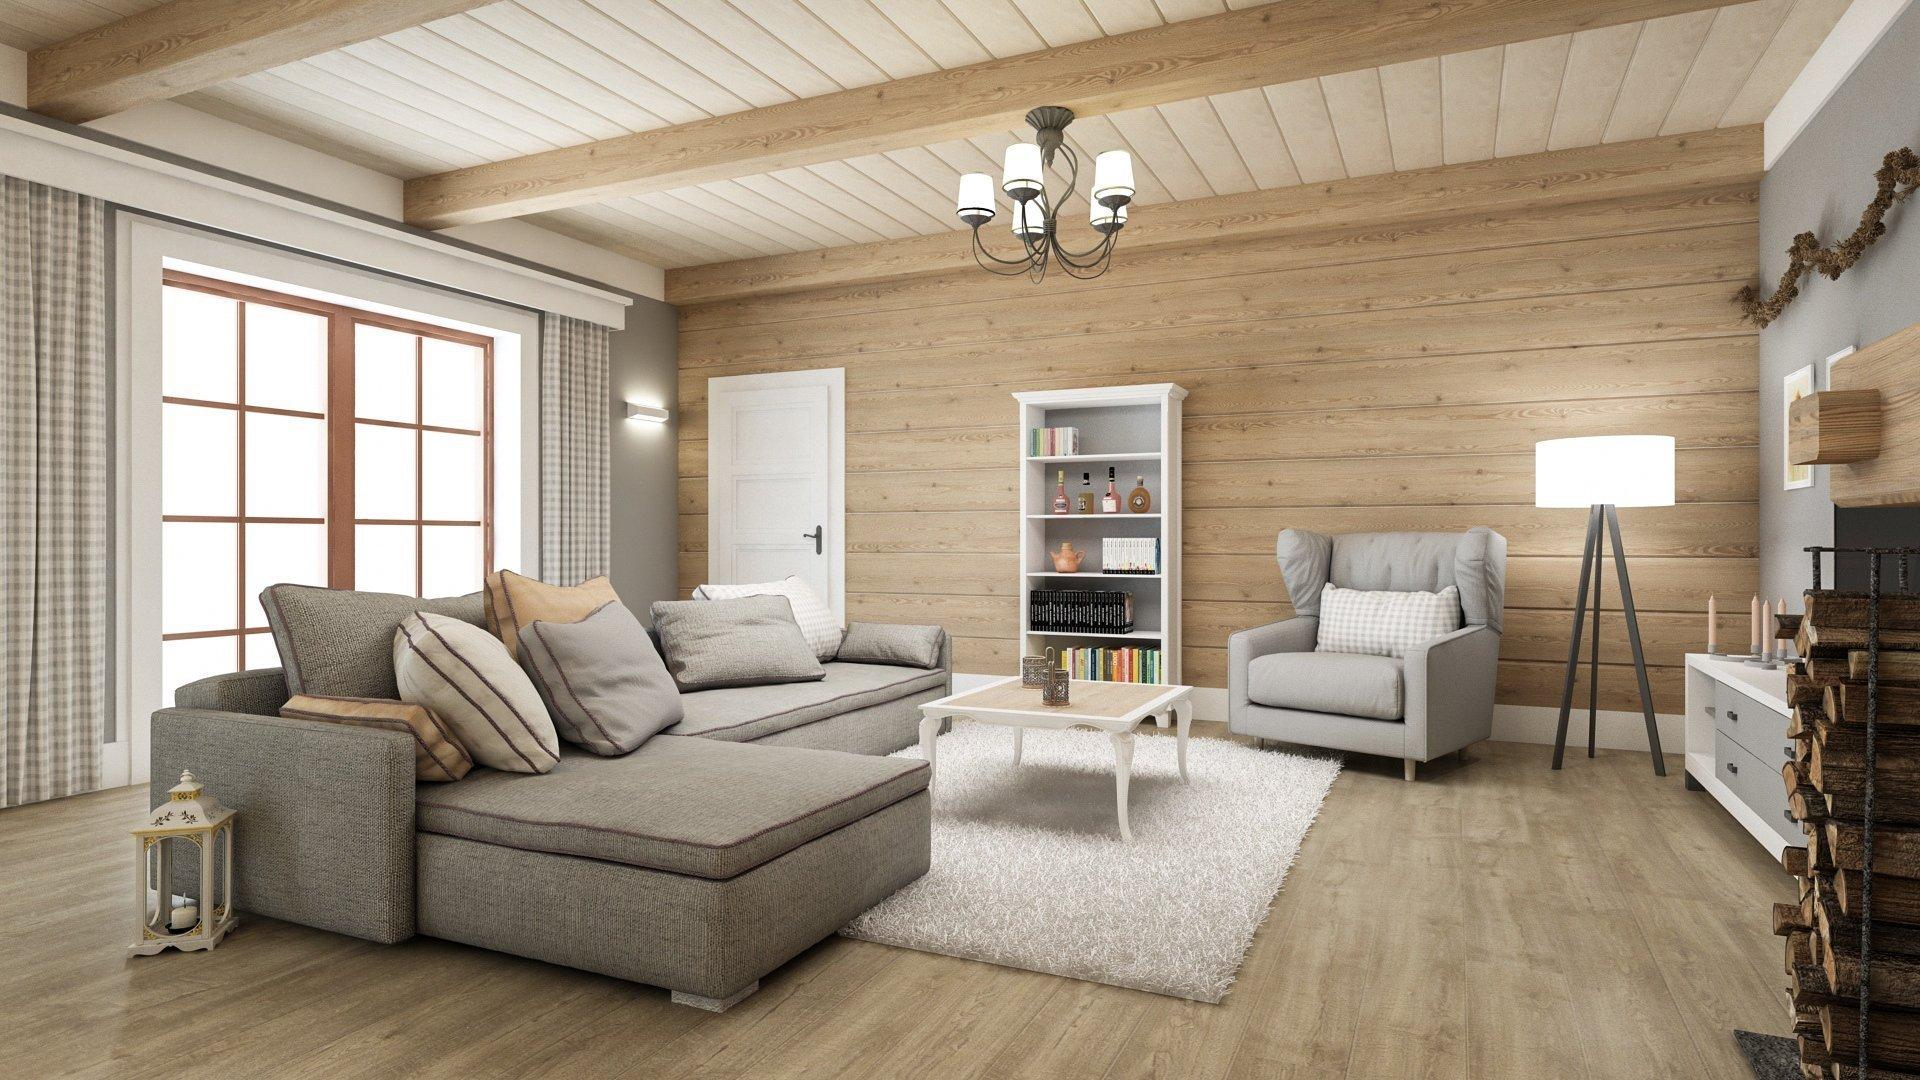 Jedná se o studii hlavního prostoru ve srubovém domě. Stylově se jedná o velice tradiční řešení s trámovým stropem, otevřeným krbem a dřevem i kamenem na…